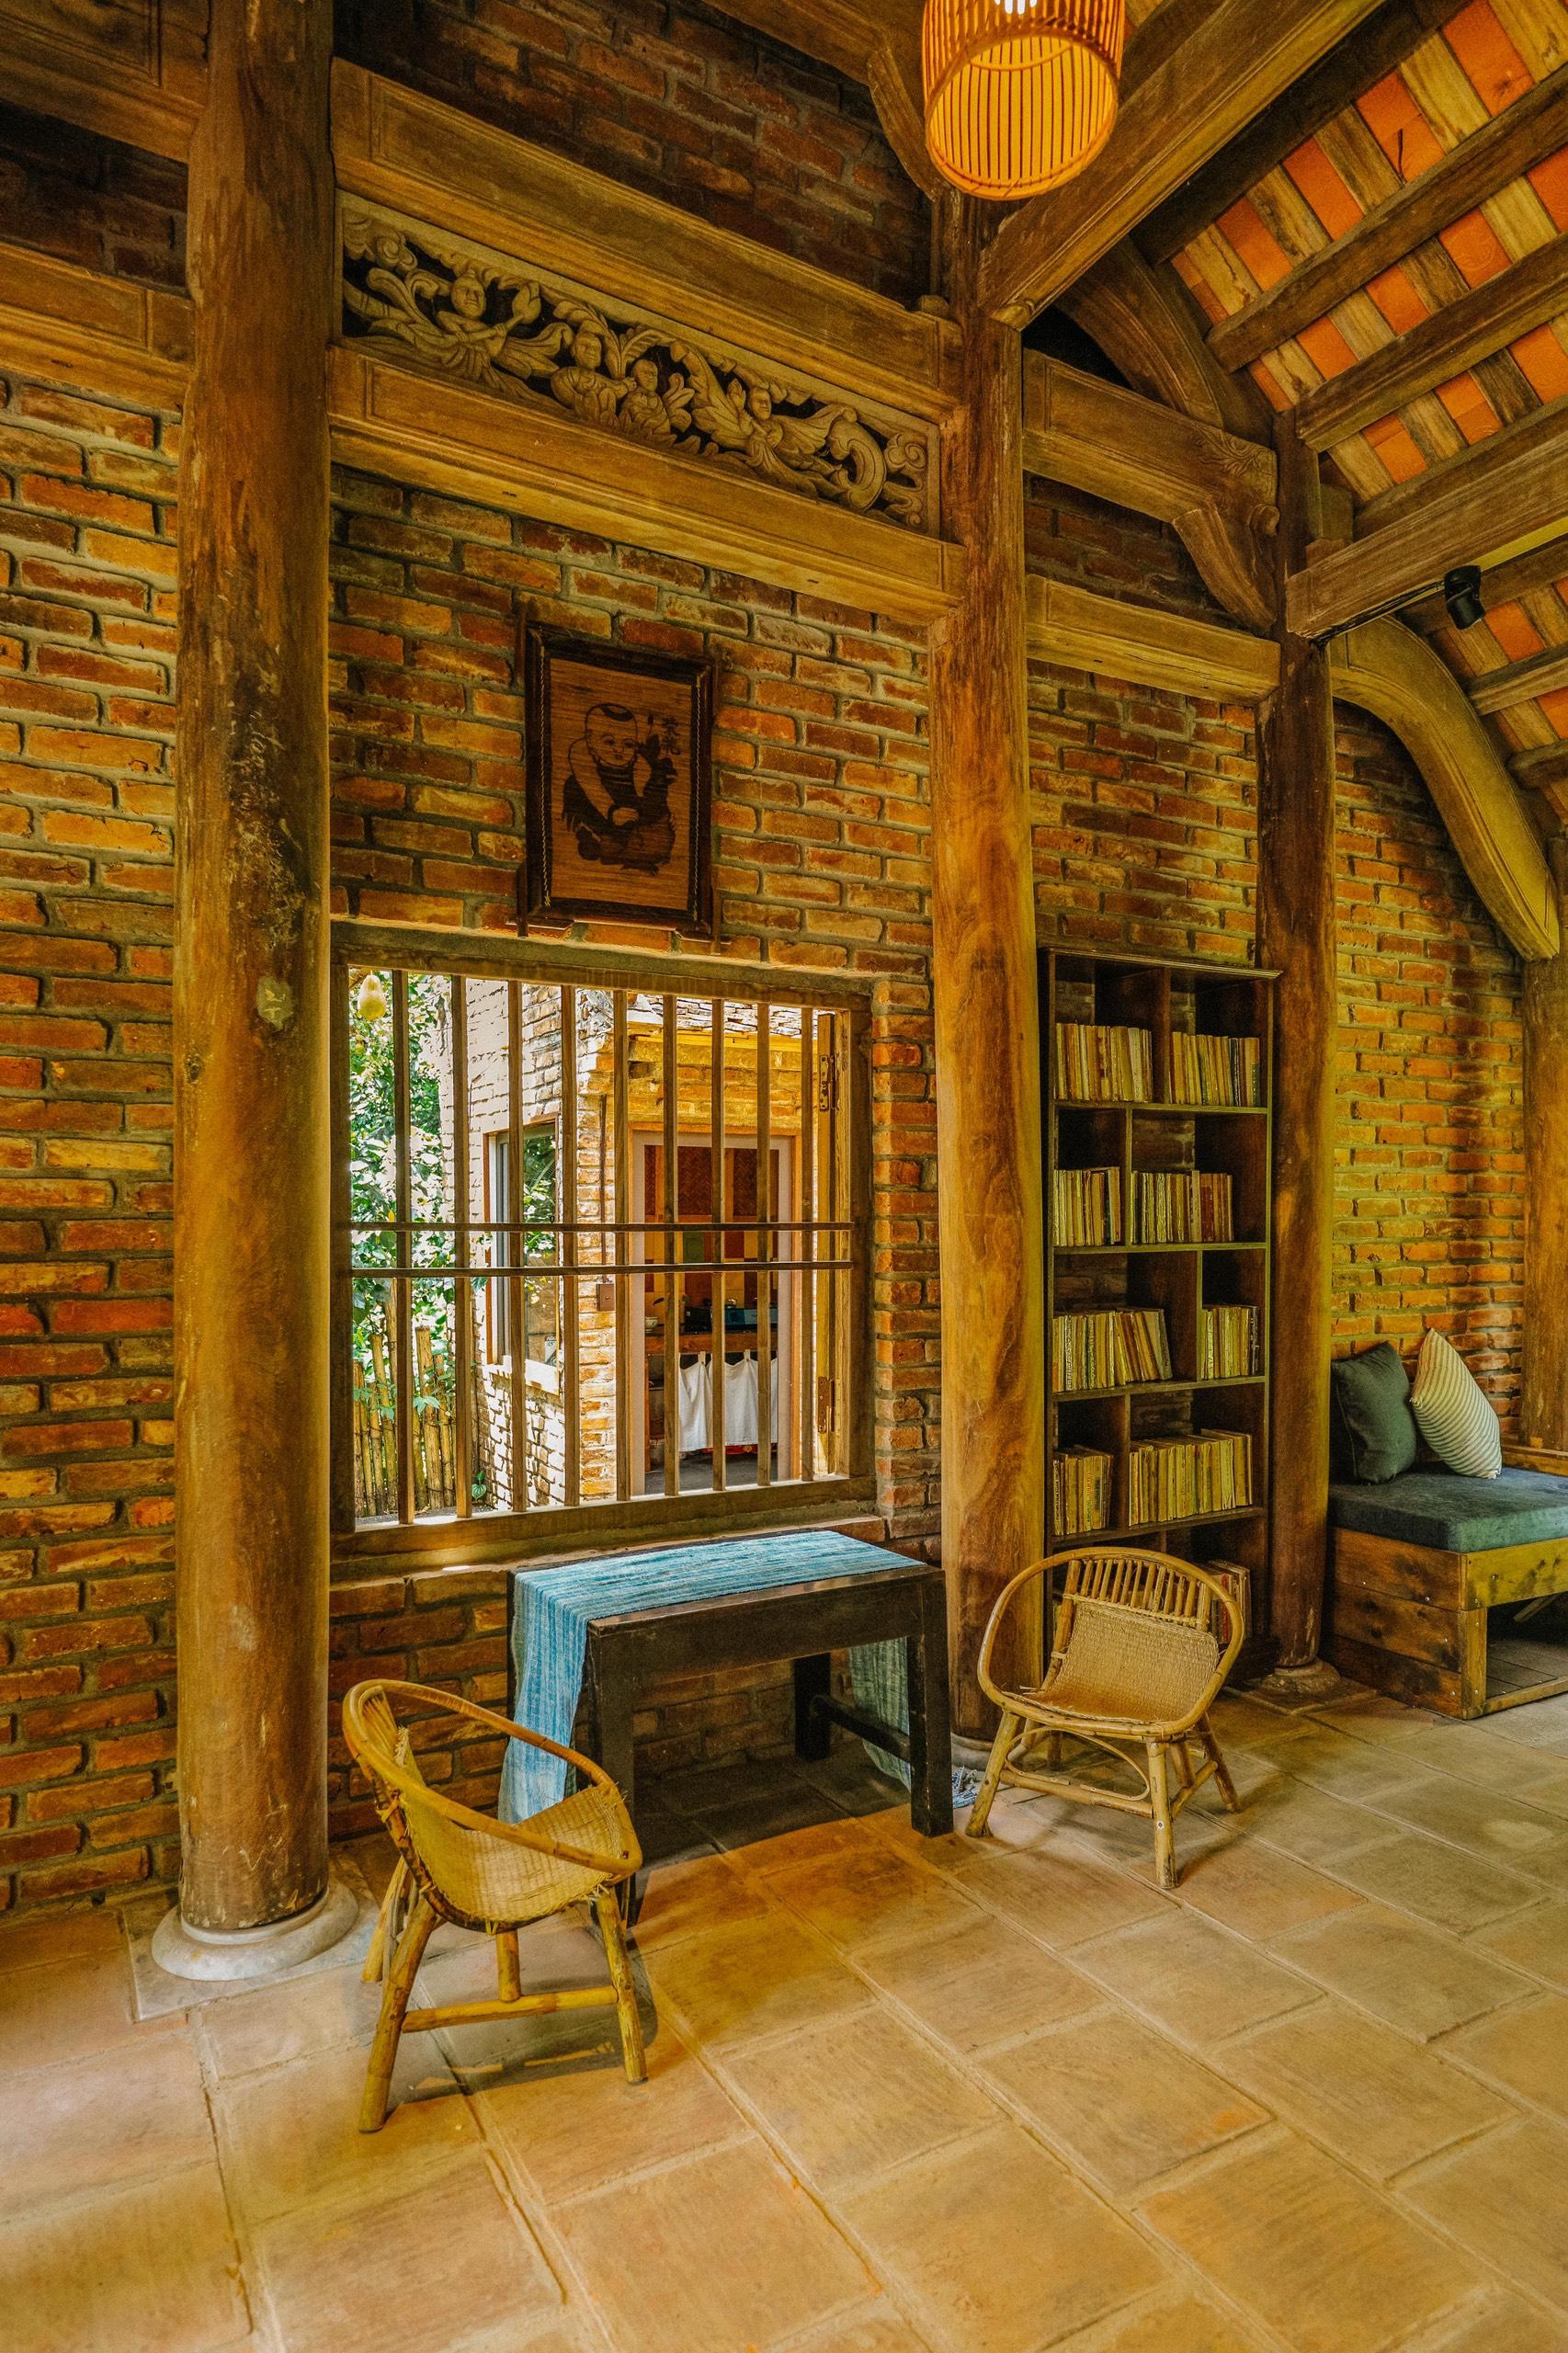 Mê mẩn với căn nhà second-home đẹp đến phát thèm tại ngoại ô Hà Nội, lộ bí quyết nhà đẹp quanh năm chỉ với 0 đồng của bà chủ nhà - Ảnh 7.